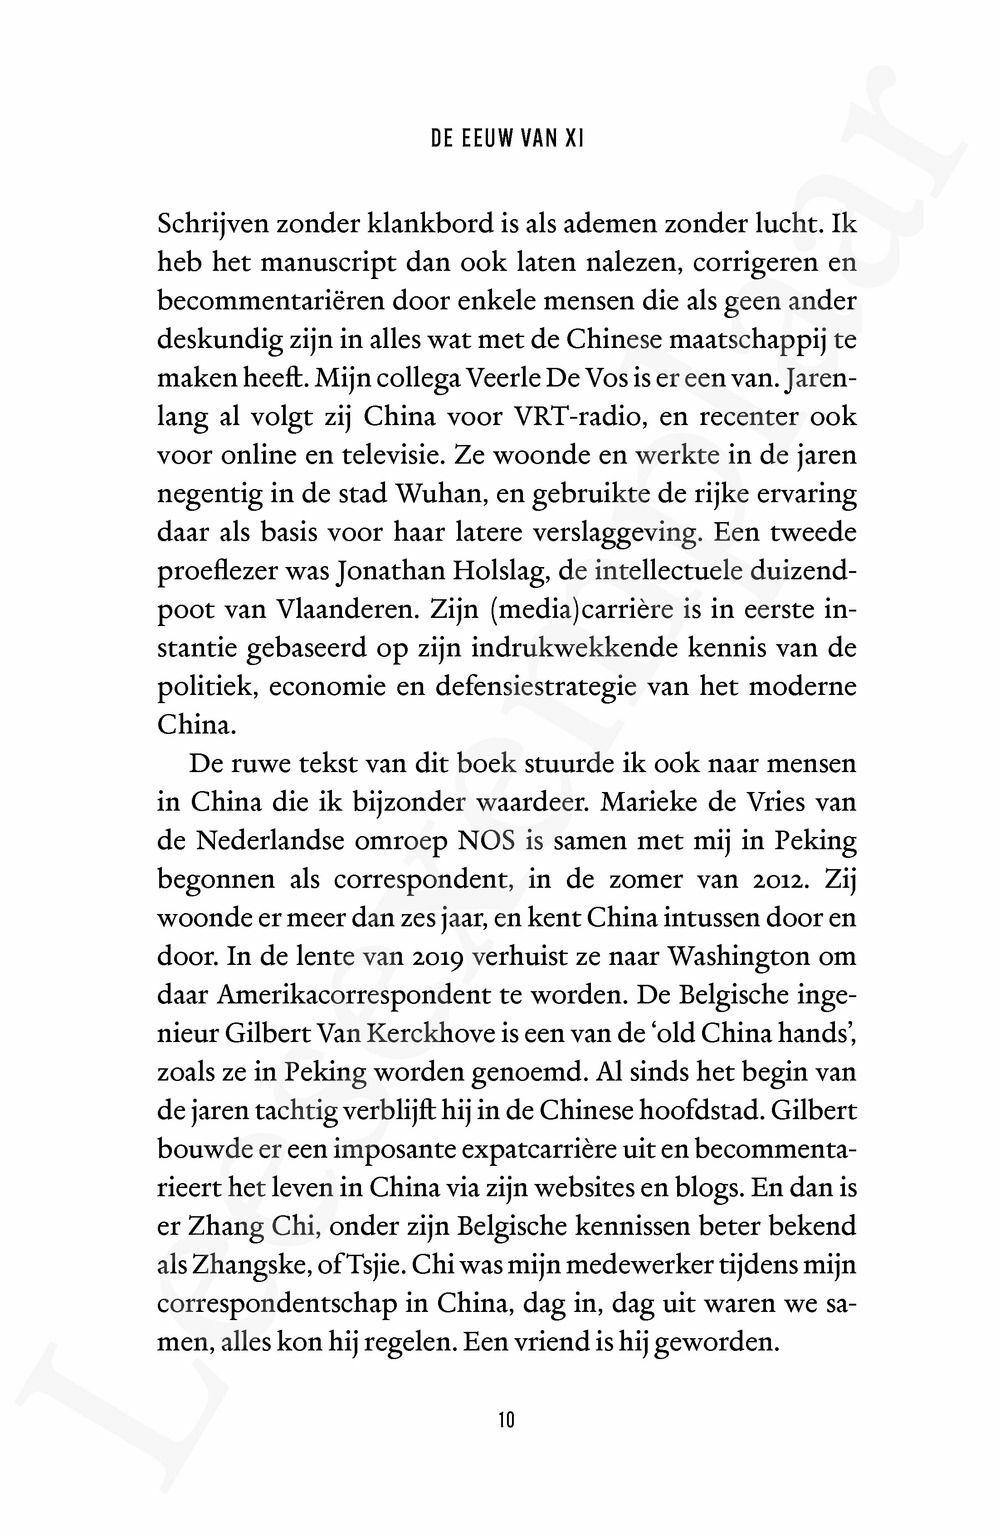 Preview: De eeuw van Xi